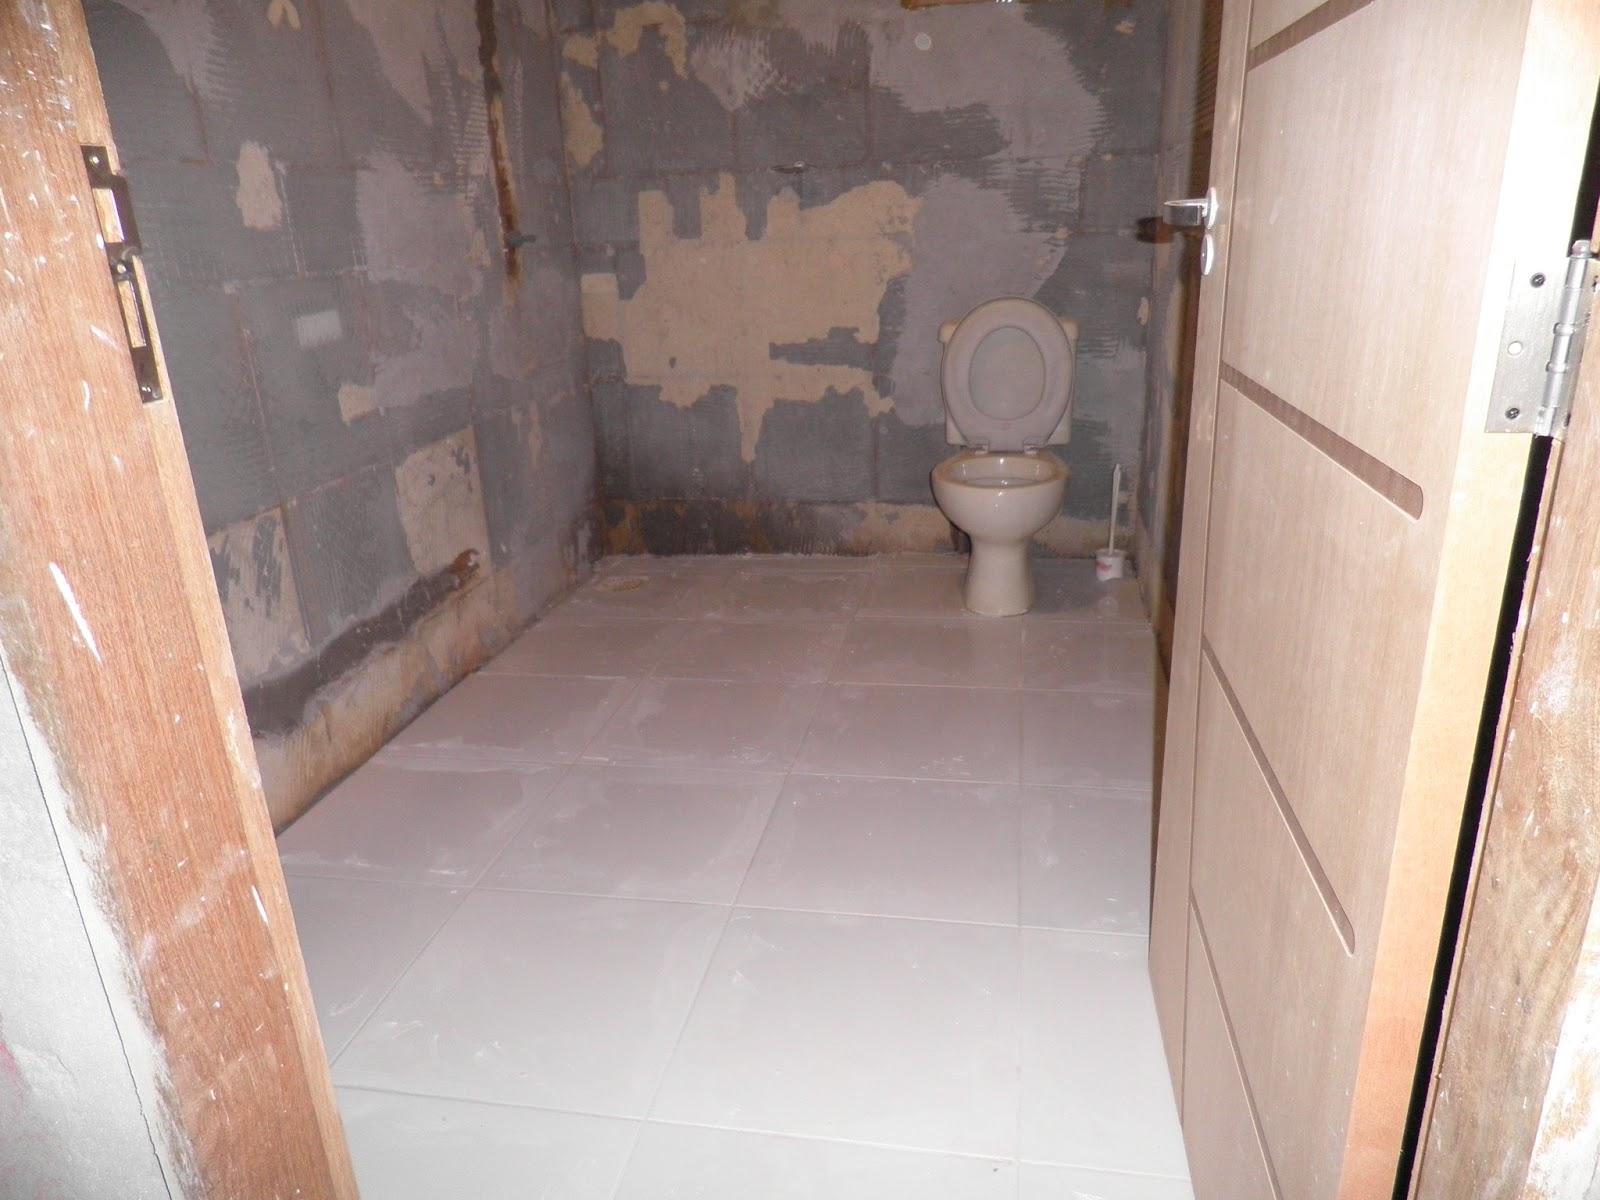 REFORMANDO A DISTANCIA: Antes e Depois: O Banheiro #925A39 1600 1200